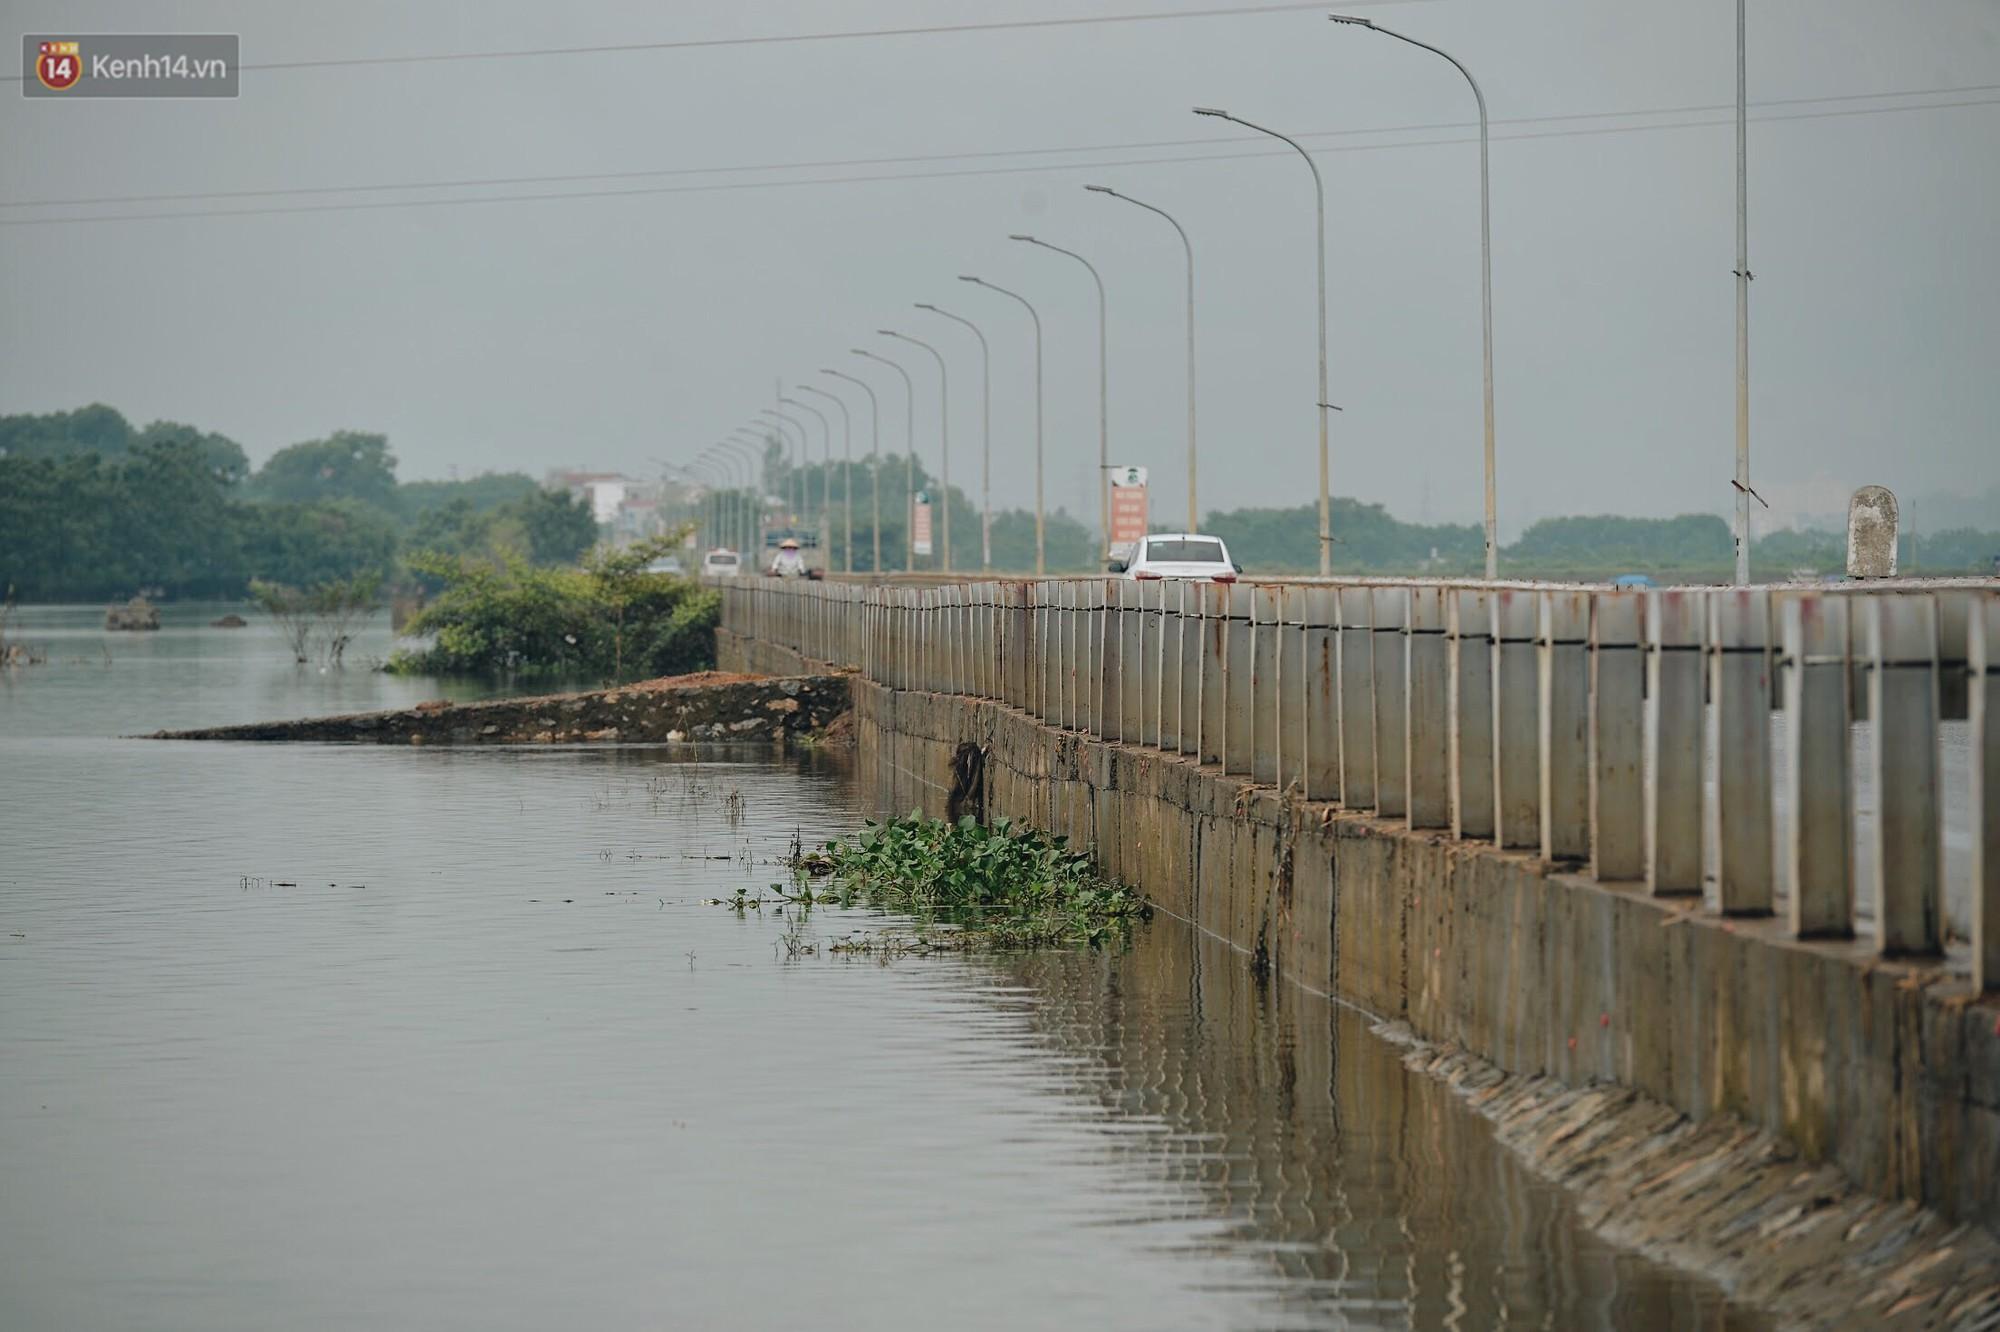 Con đường tỉnh lộ nơi hàng trăm người bơi lội ở Hà Nội sau nửa tháng chìm trong biển nước đã thông xe trở lại - Ảnh 9.